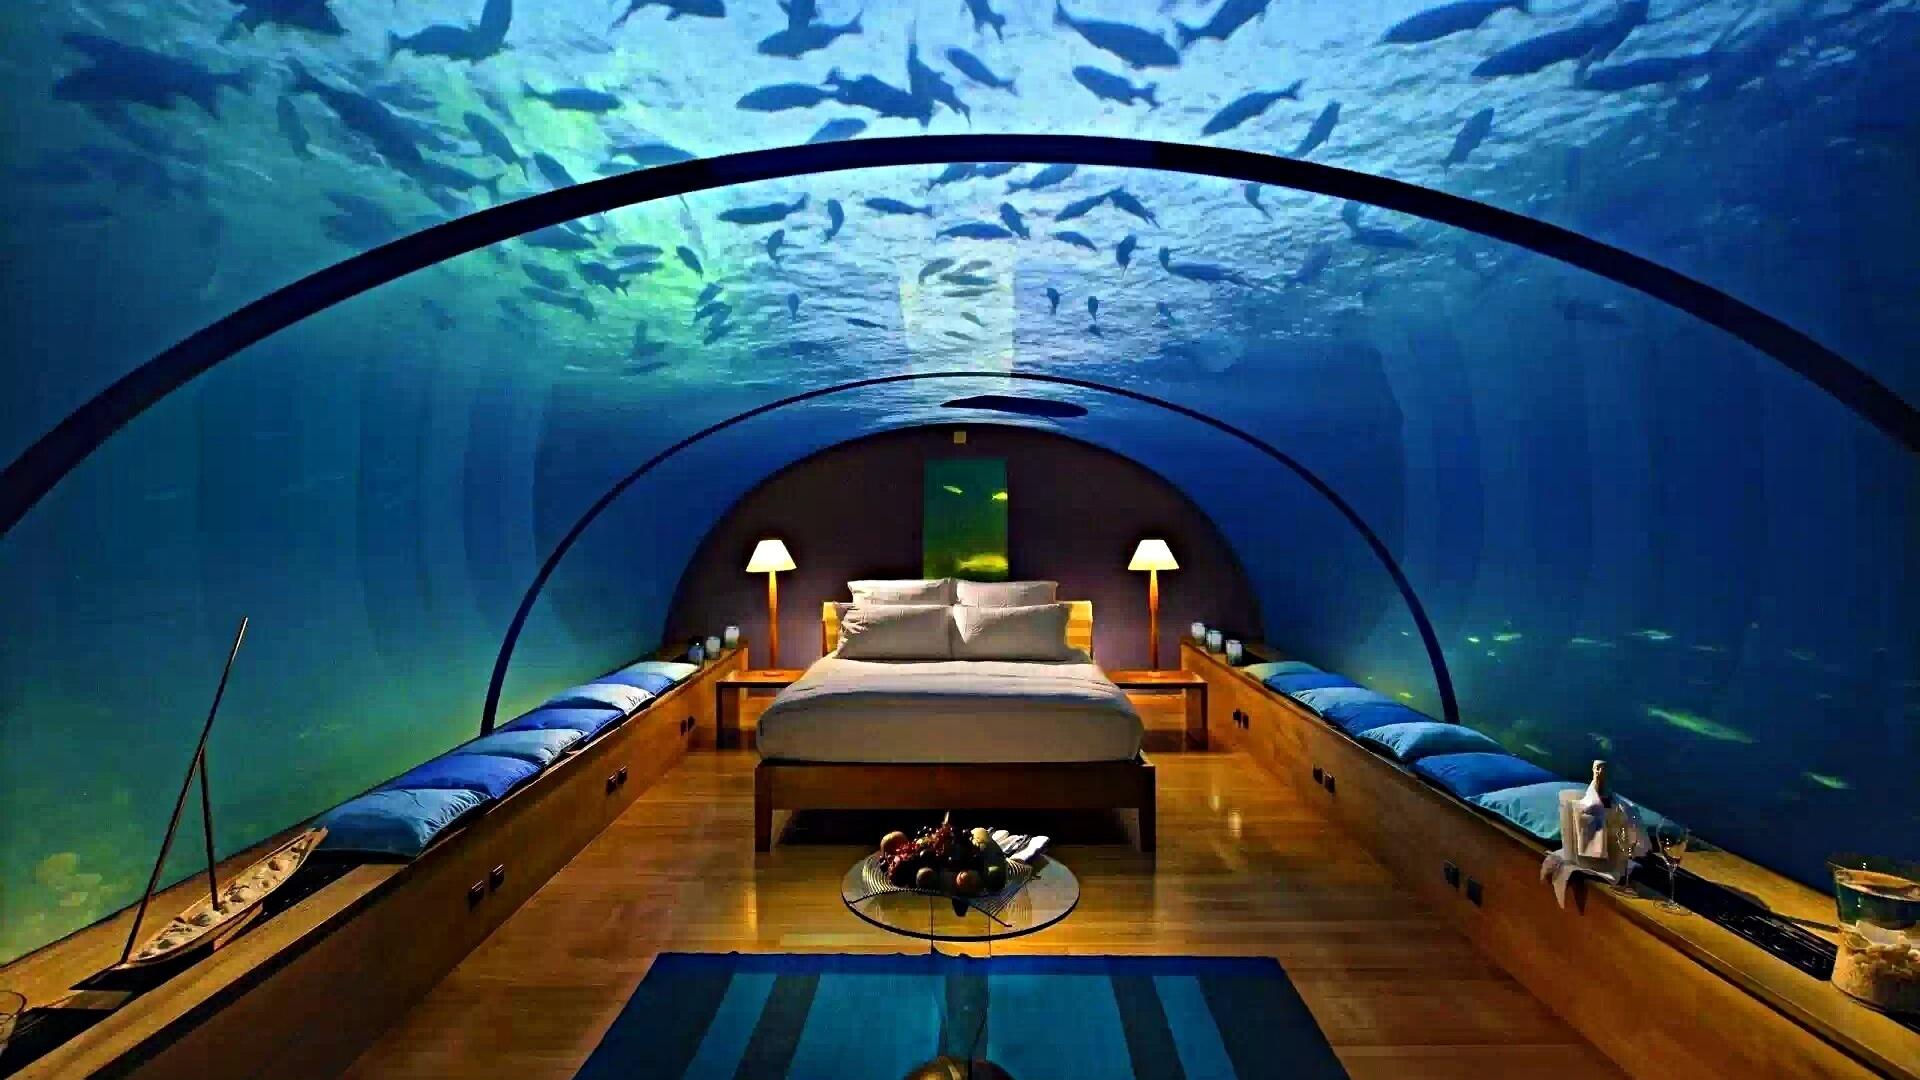 как называются комнаты получи подводной лодке